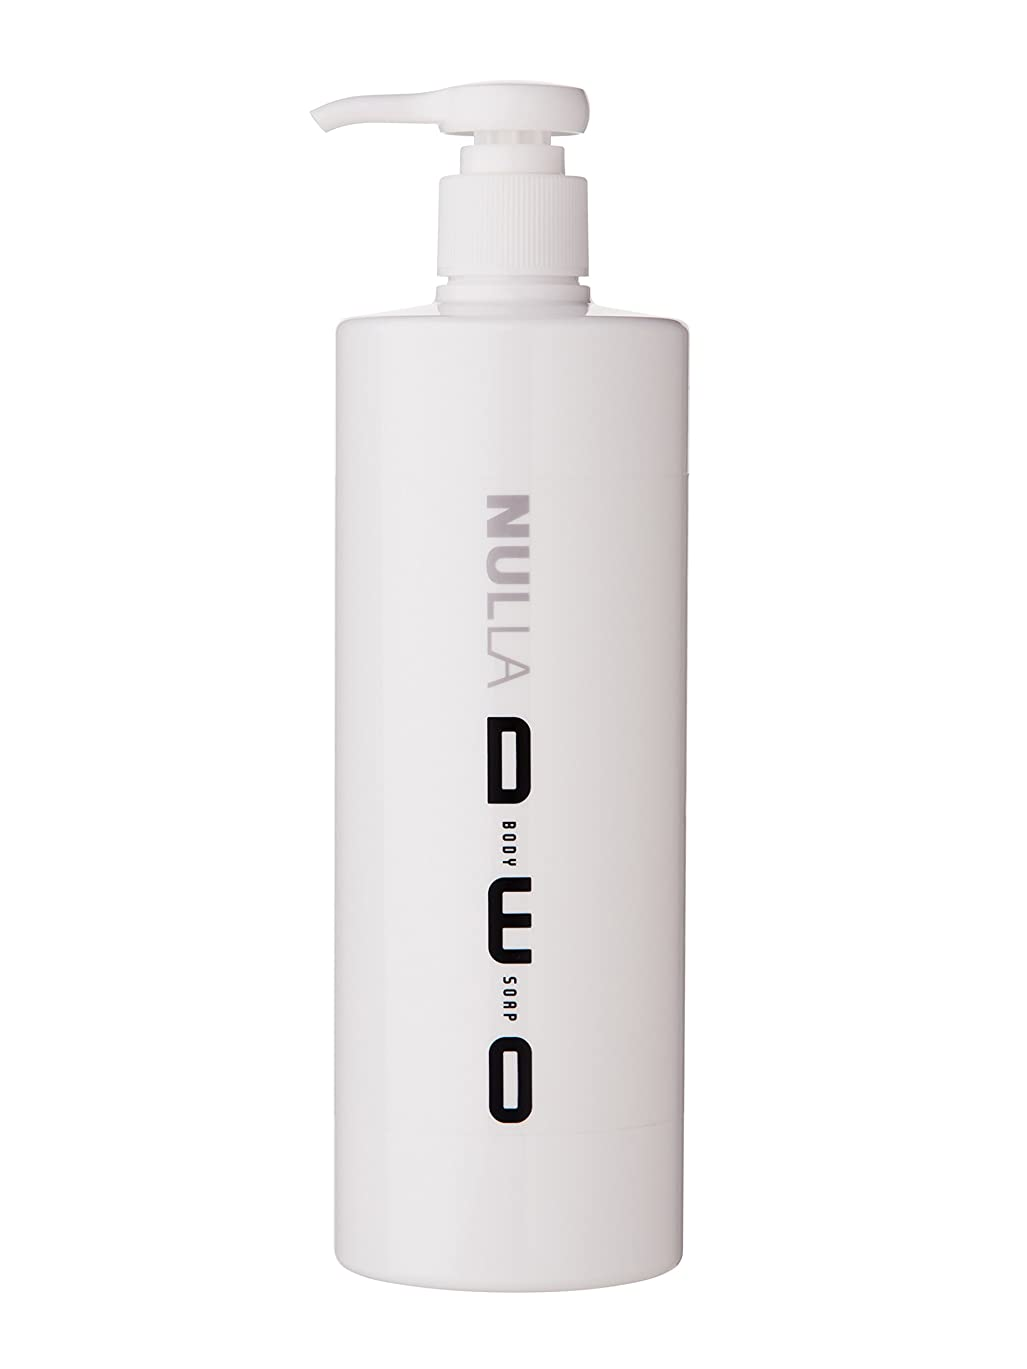 咳協定アームストロングNULLA(ヌーラ) ヌーラデオ ボディソープ [ニオイ菌を抑制] 500ml 日本製 加齢臭 体臭 対策 シャボンの香り